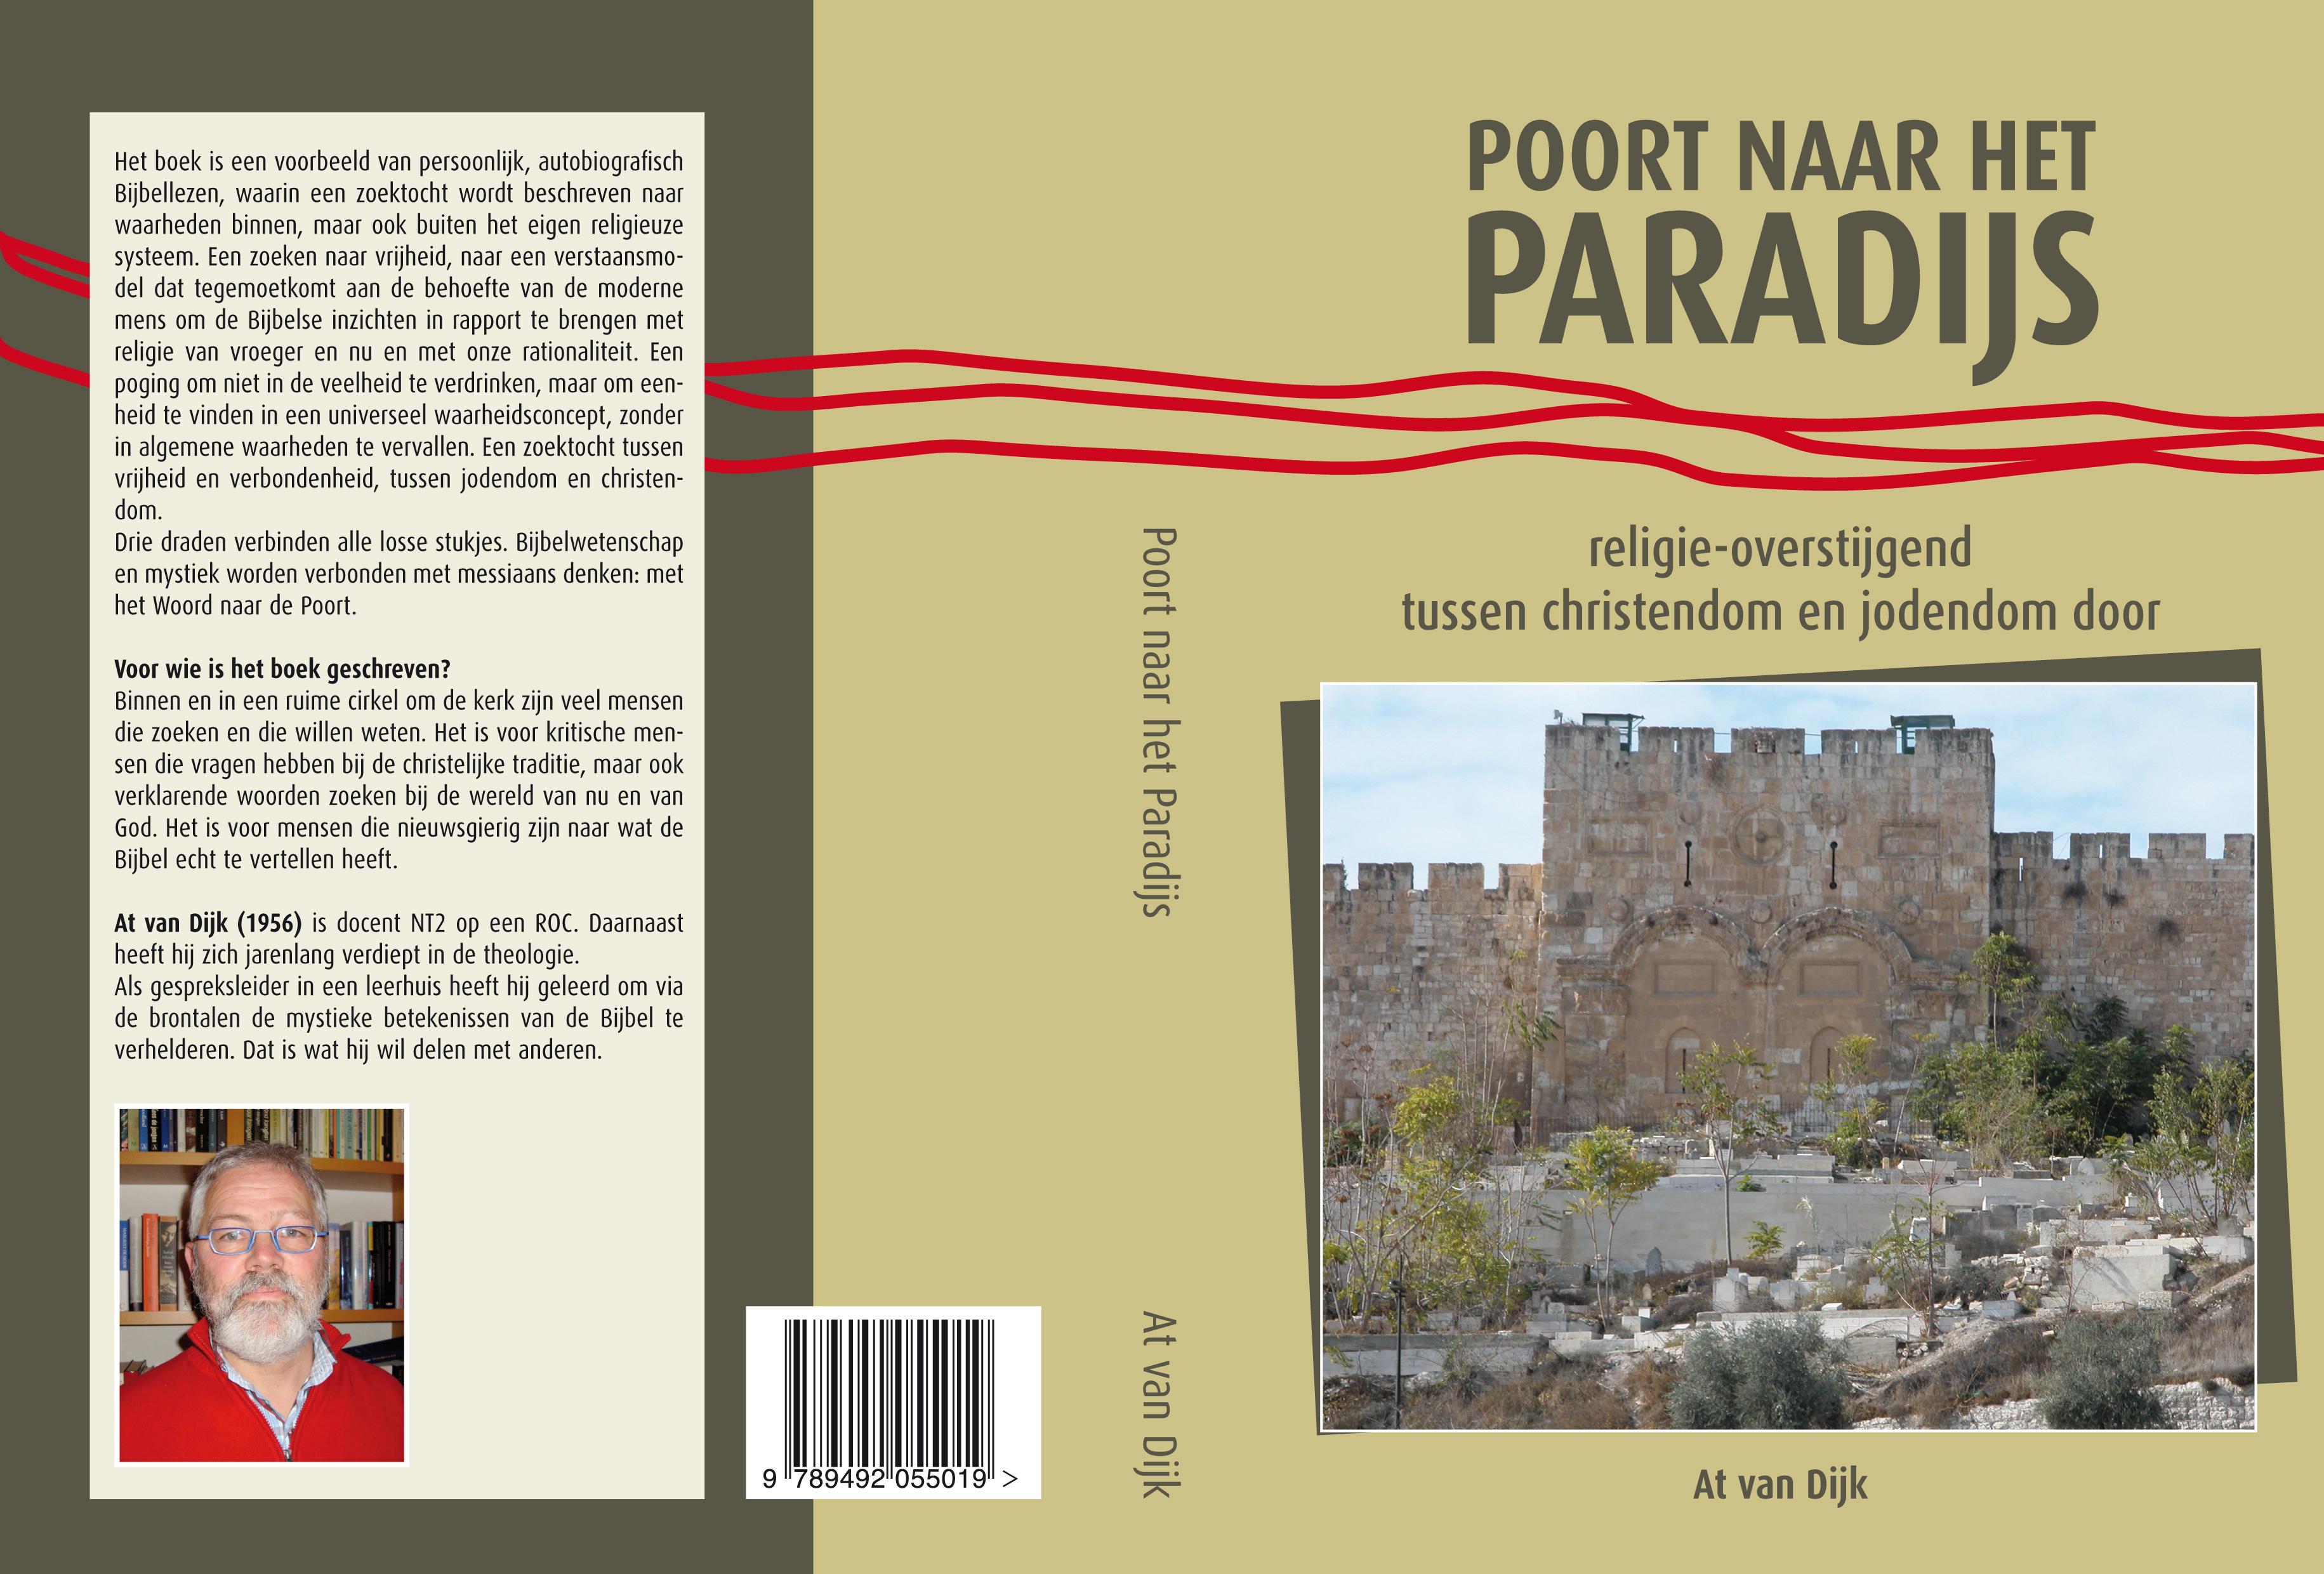 14038 Poort naar het Paradijs.indd